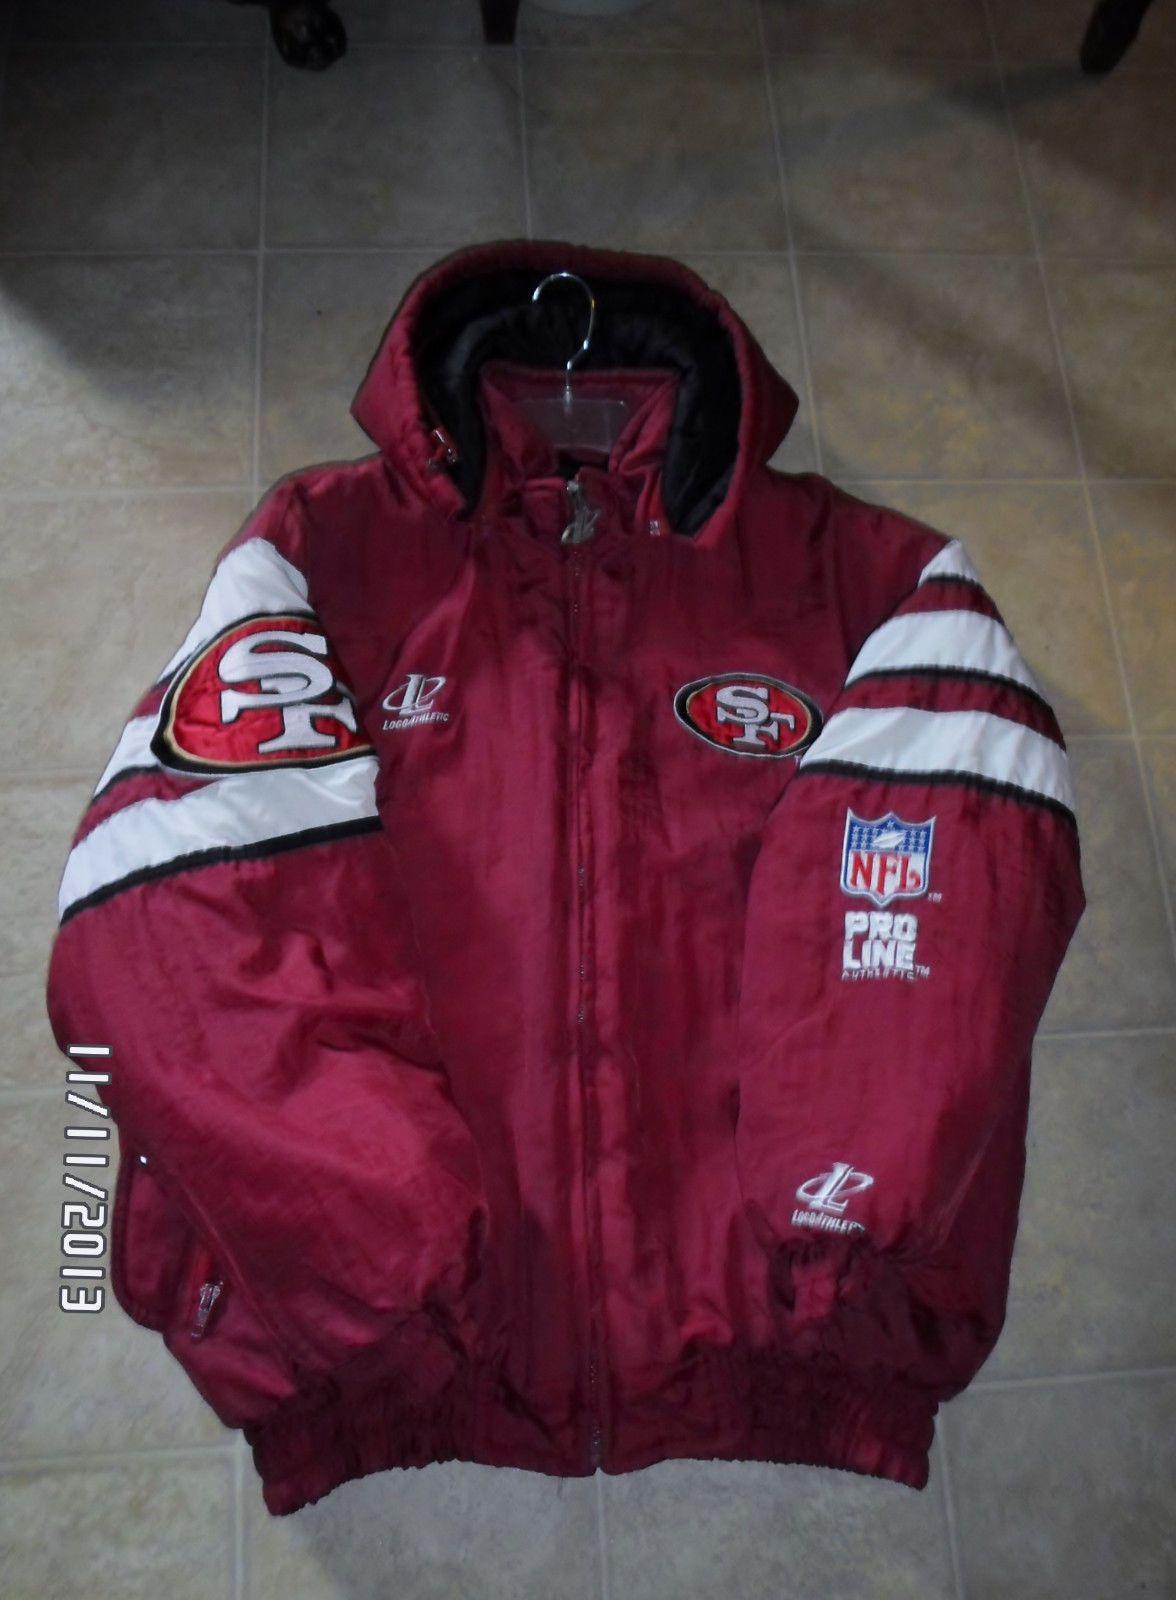 0e0a6f980 NR!!! Authentic NFL PRO LINE San Francisco 49ers jacket size LARGE ...